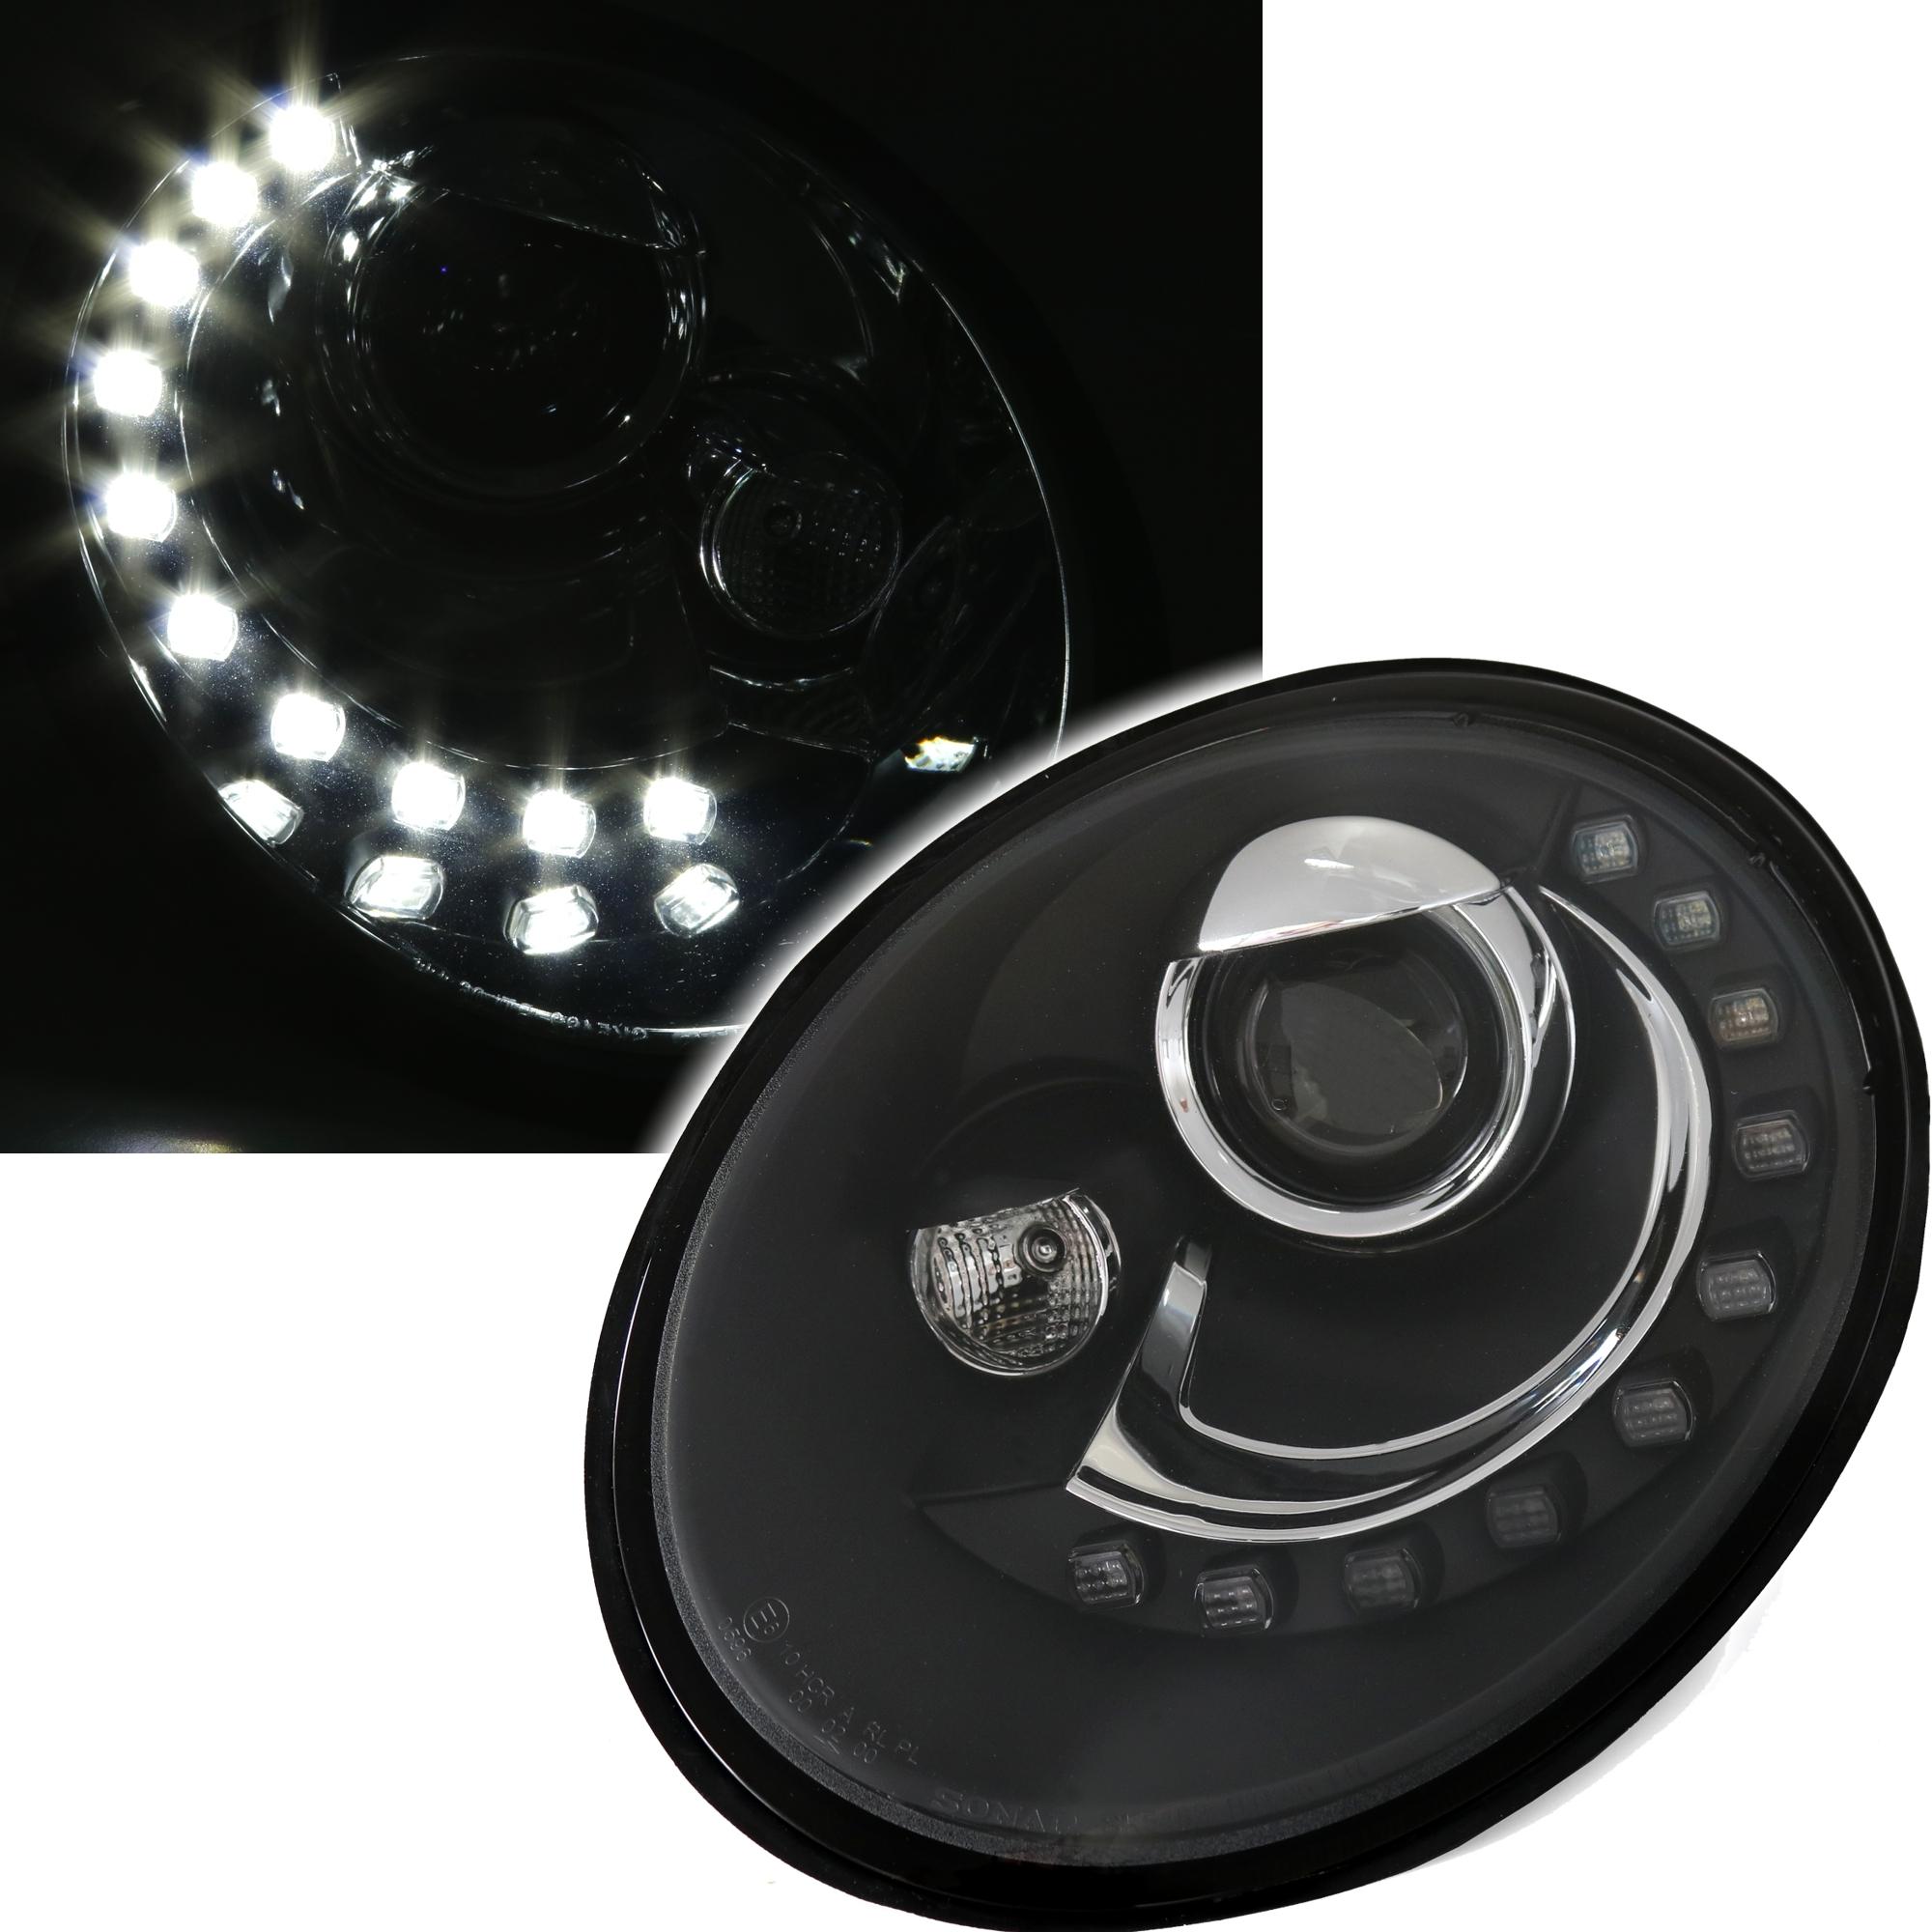 scheinwerfer vw new beetle 9c 1y 97 05 schwarz led. Black Bedroom Furniture Sets. Home Design Ideas